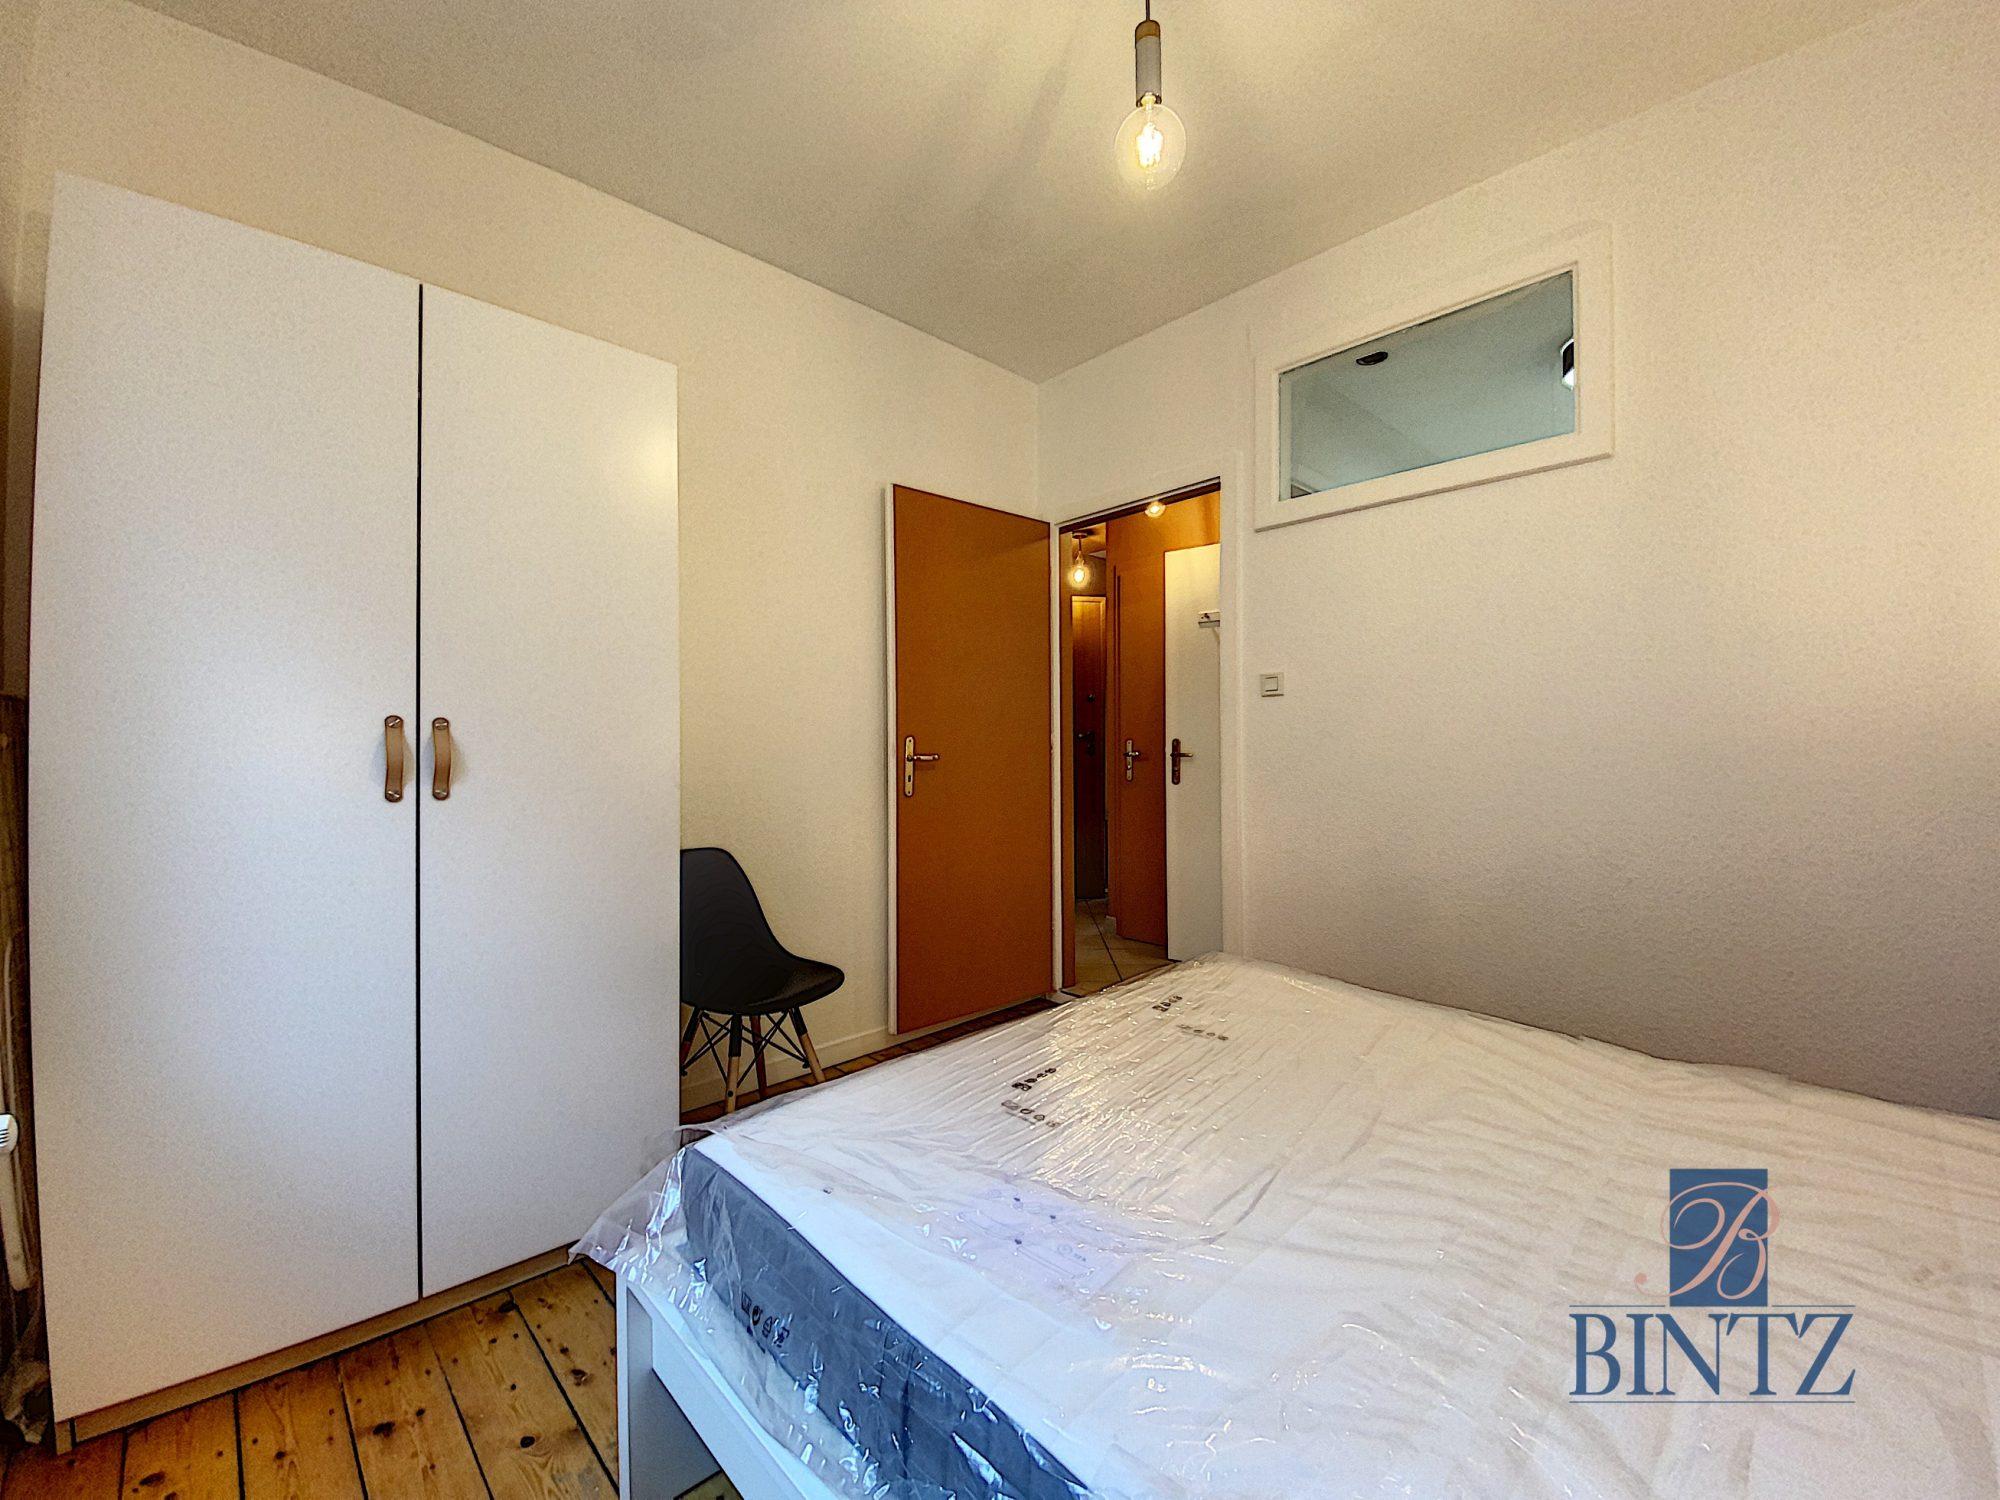 2P MEUBLÉ NEUDORF - Devenez locataire en toute sérénité - Bintz Immobilier - 8